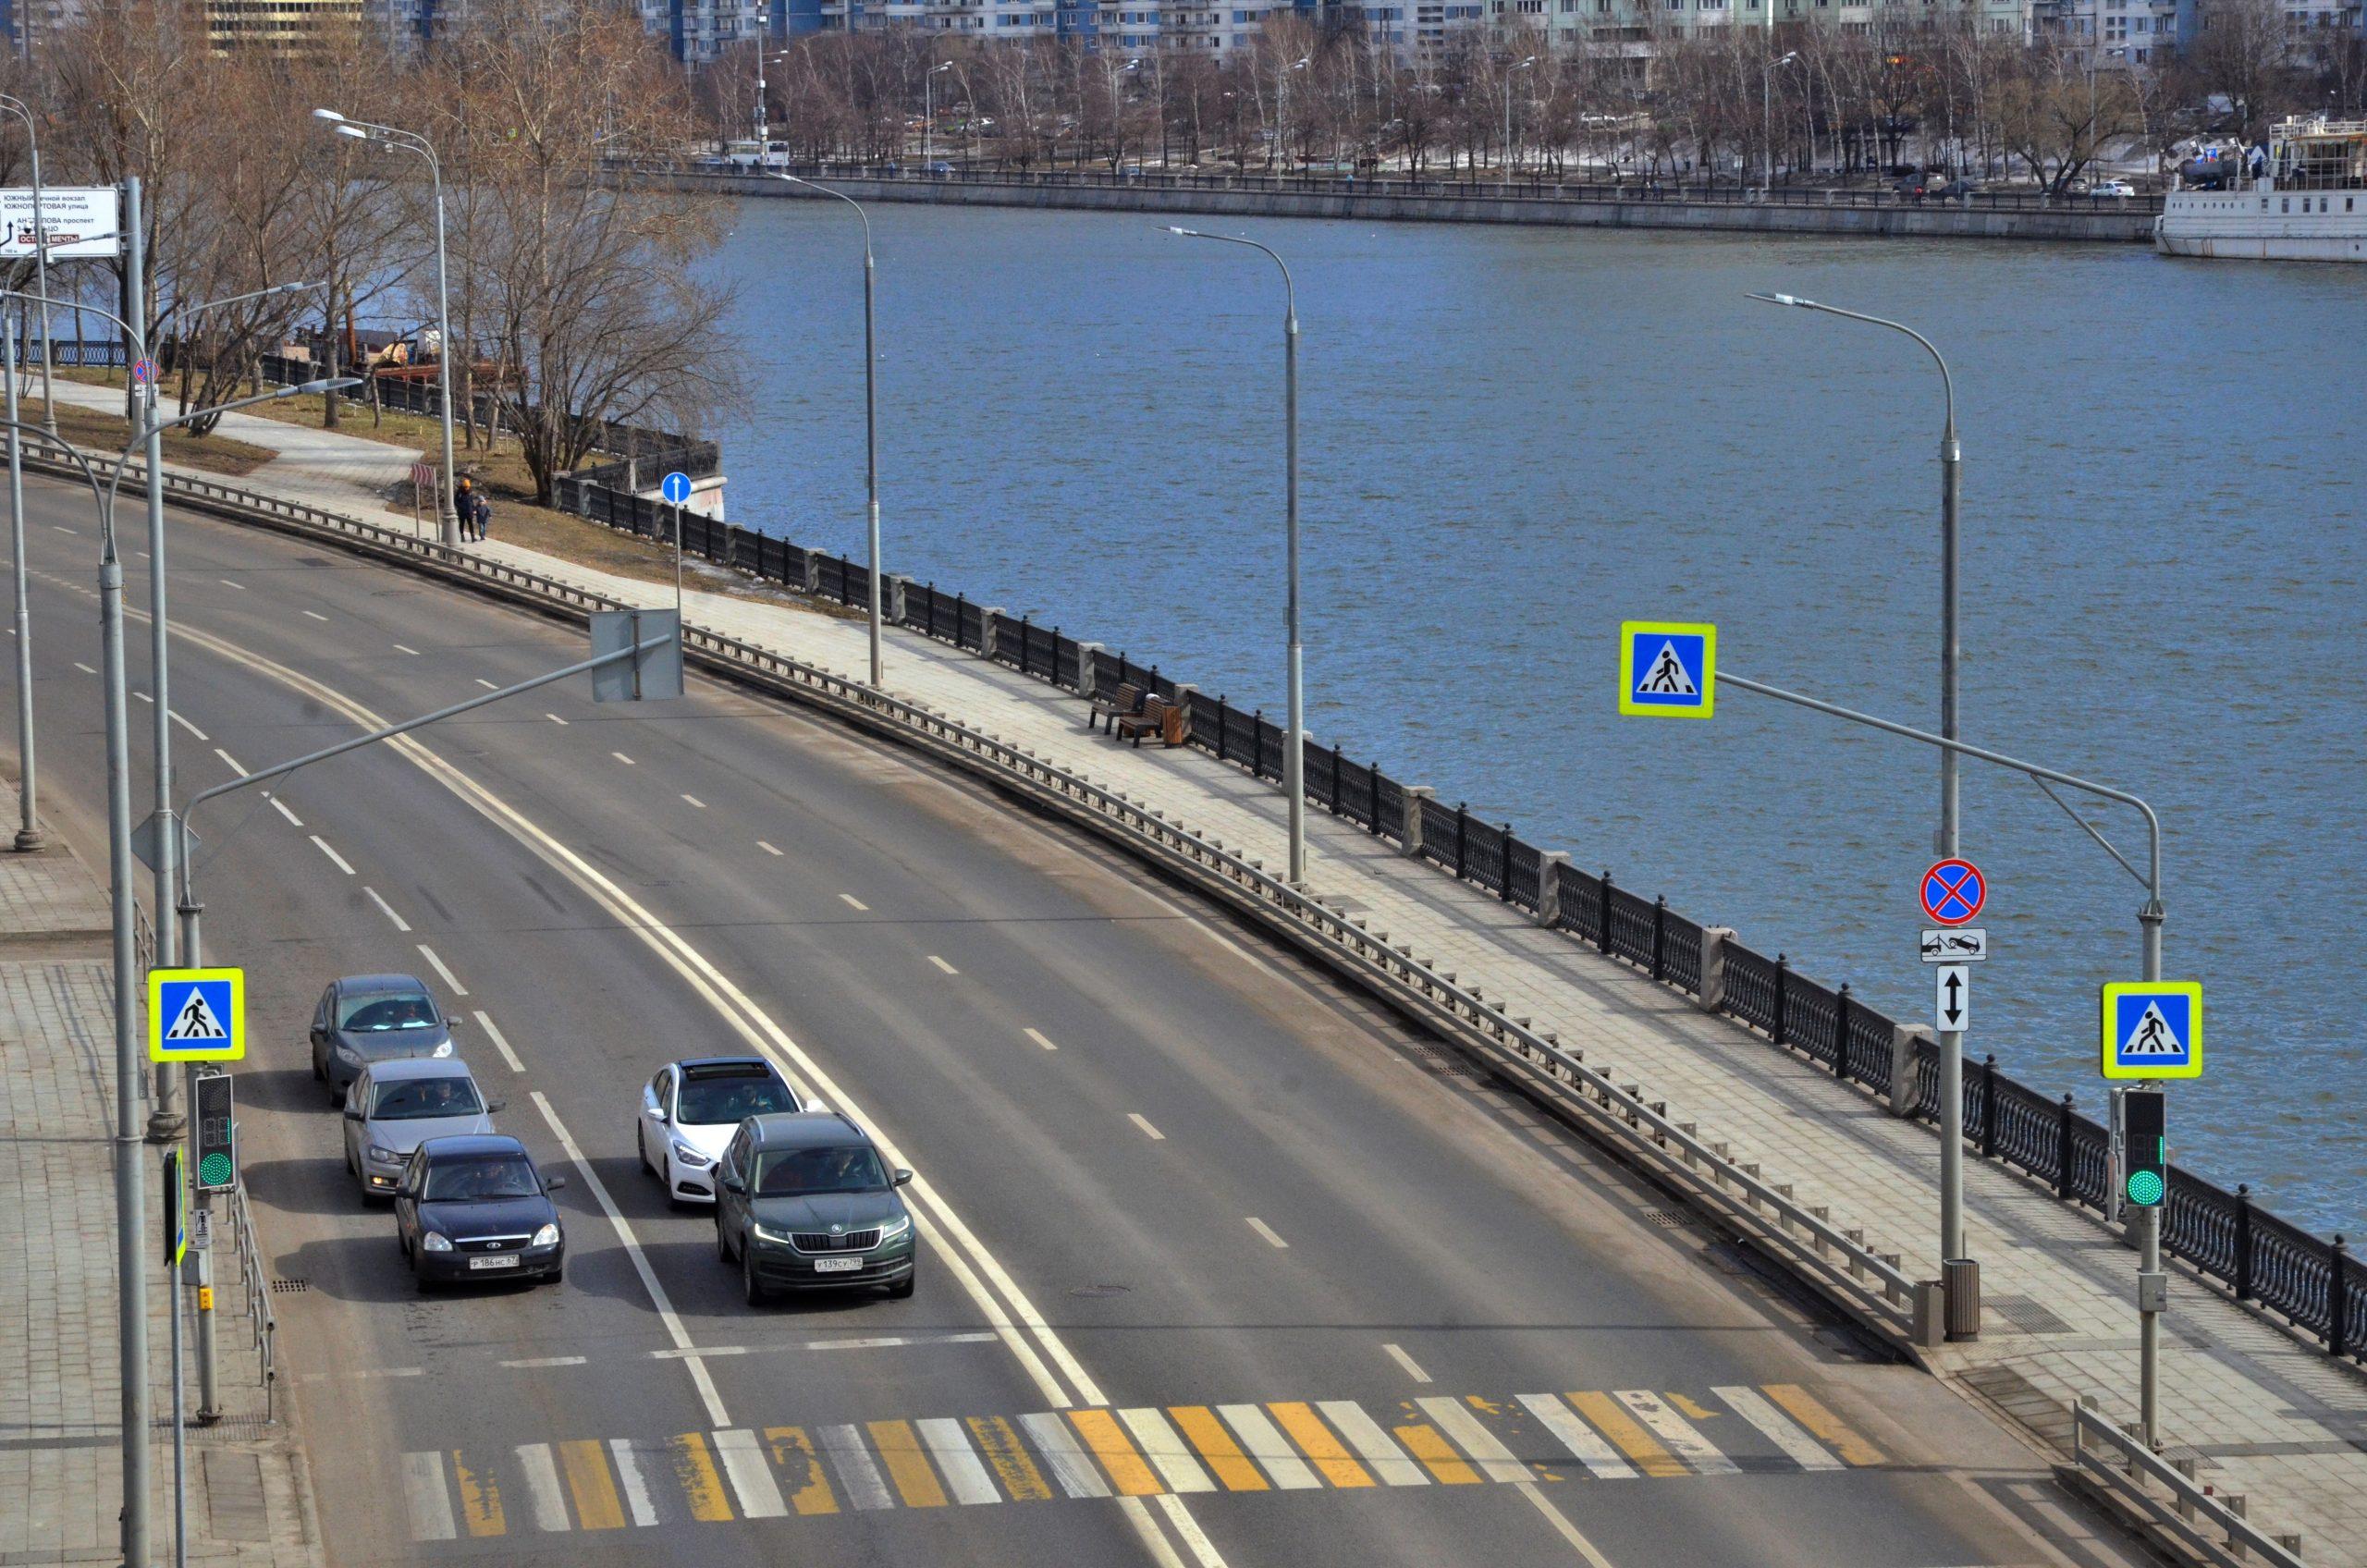 Дорожное полотно отремонтировали на улицах Тверского района. Фото: Анна Быкова